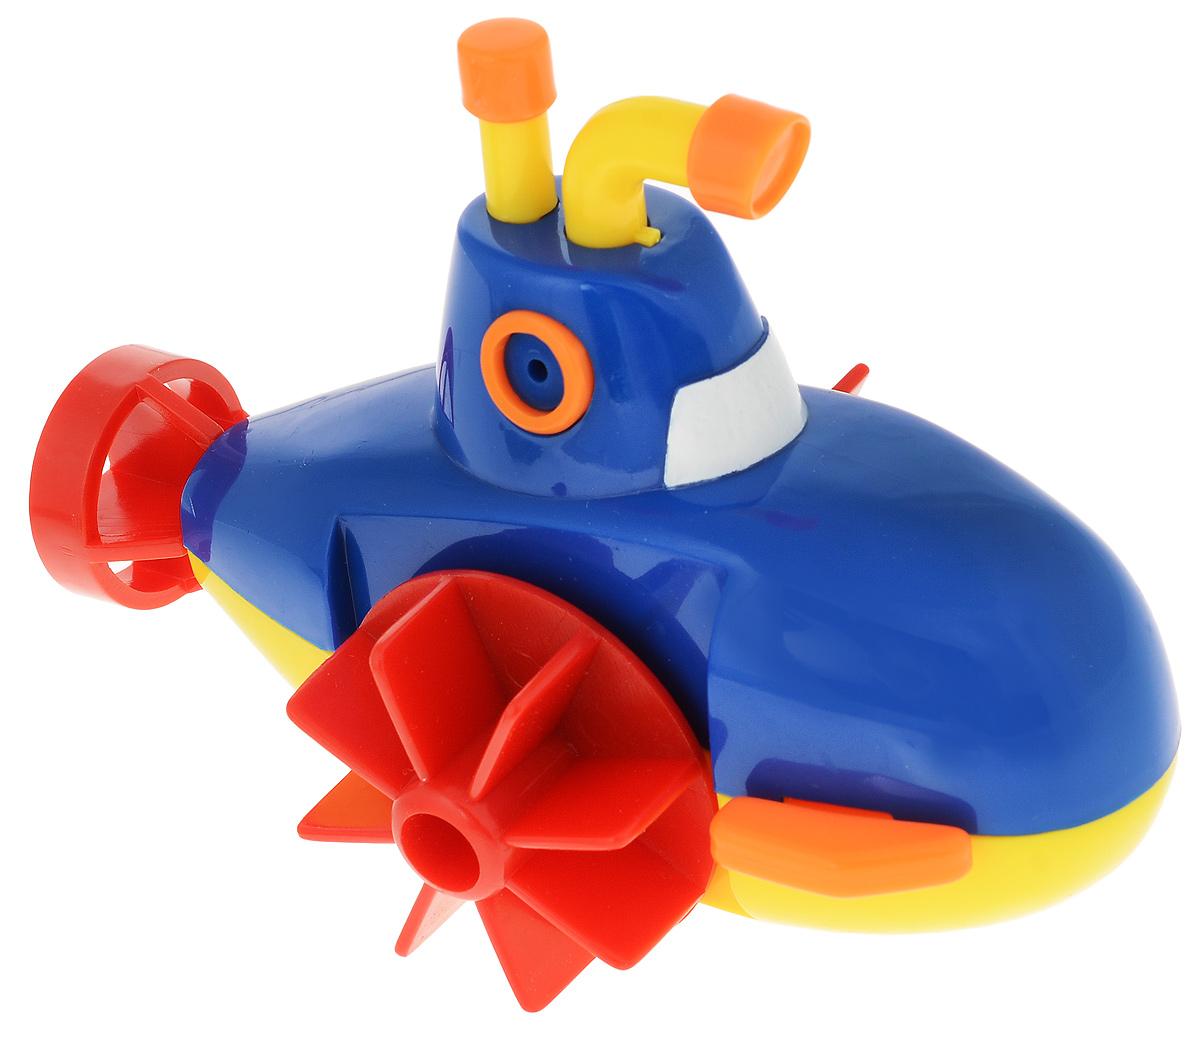 Bampi Заводная игрушка Вместе веселей Подводная лодка цвет 63906-1 подводная лодка подводная лодка f301 угол клапан красоты